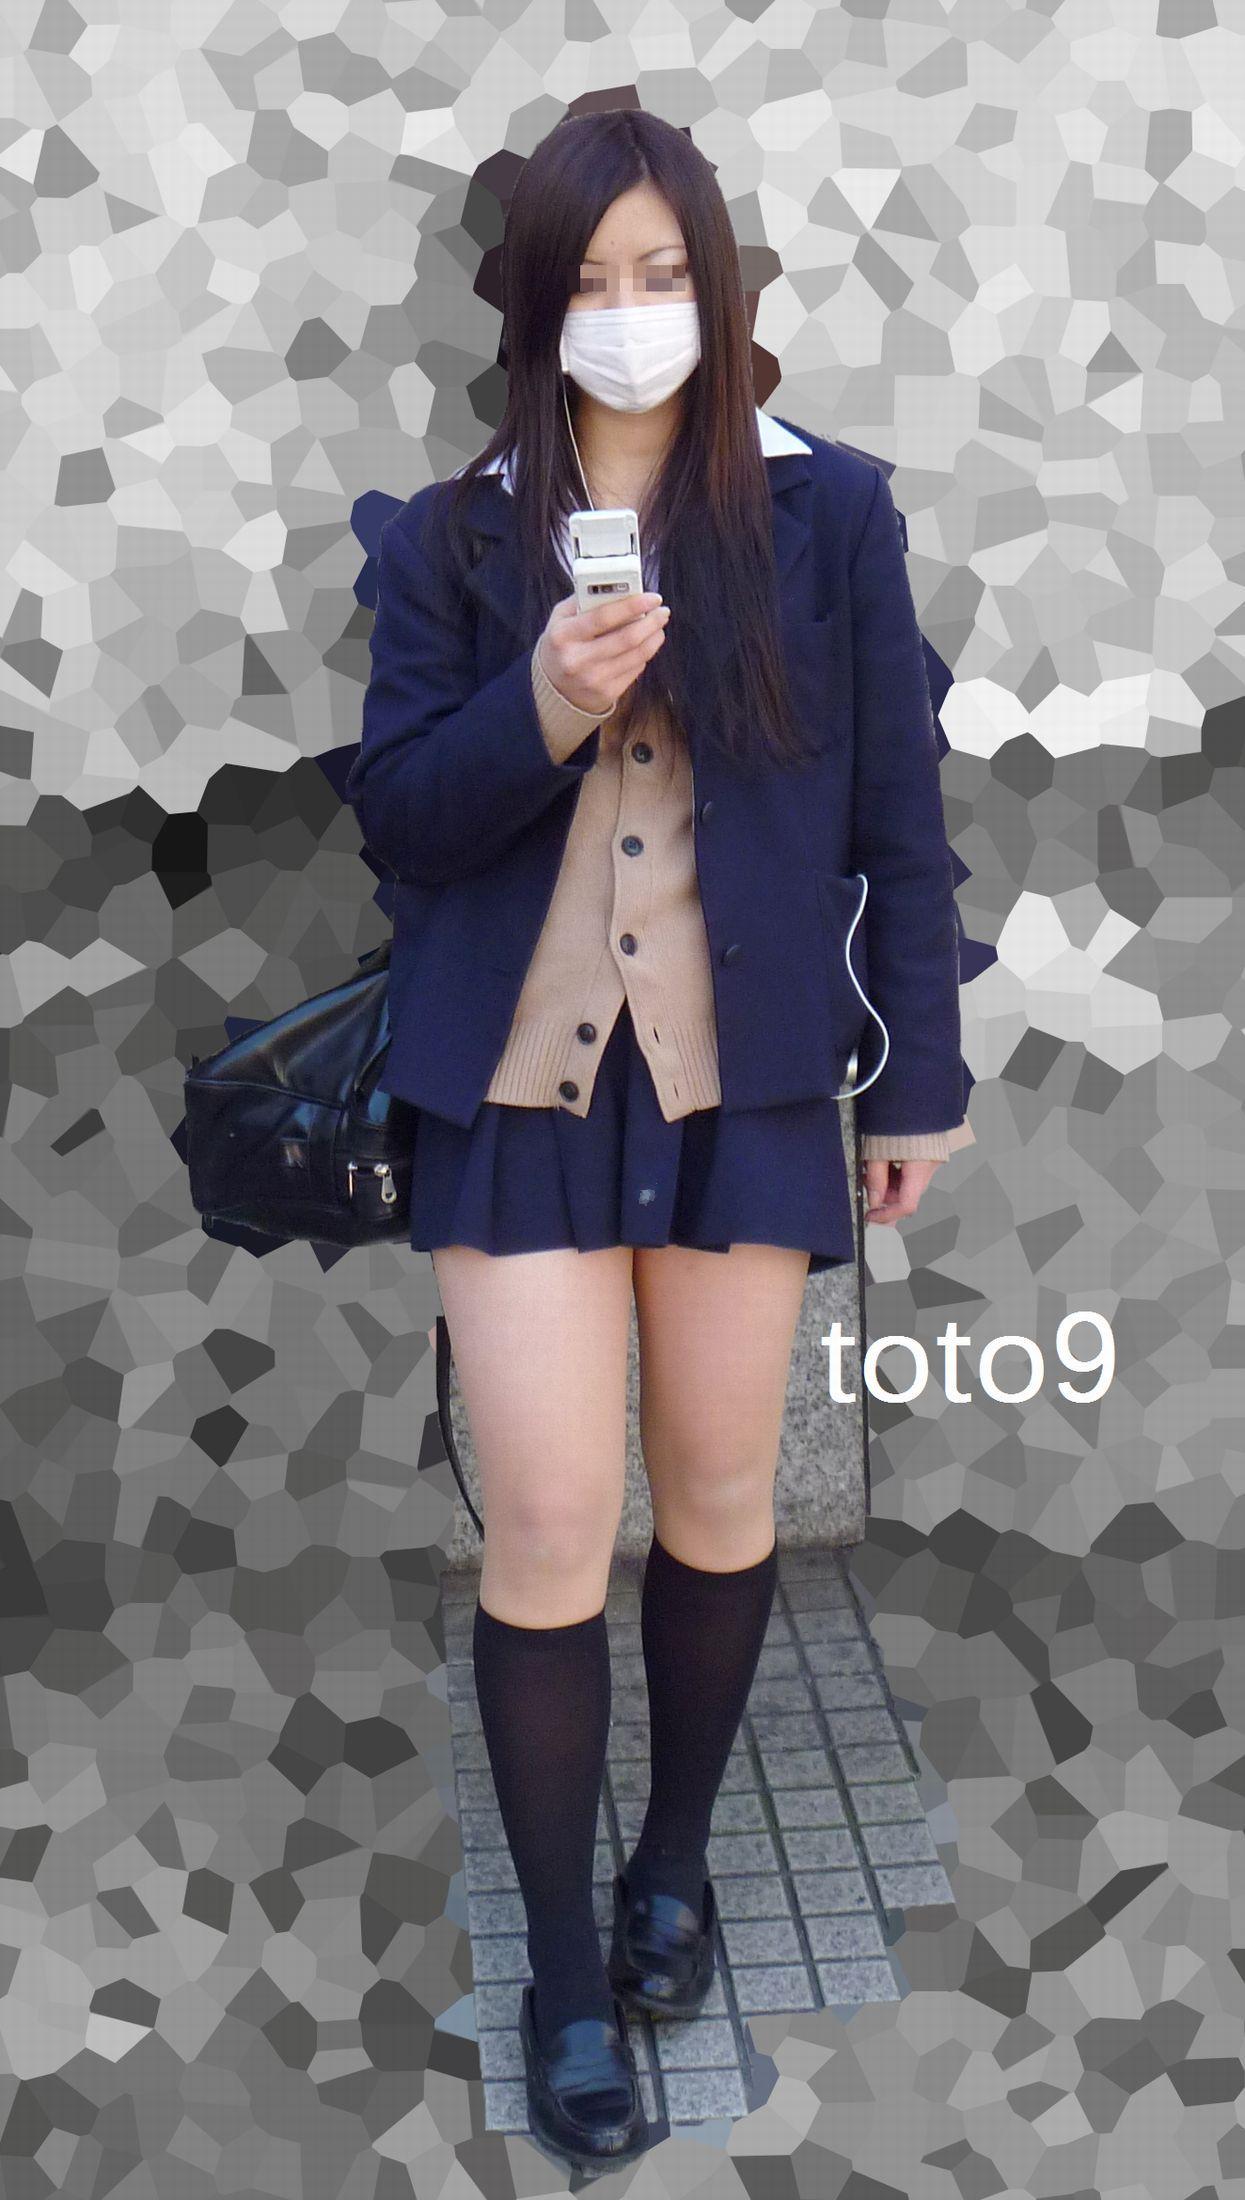 【画像】女子高生のブランドって最強だよなwww